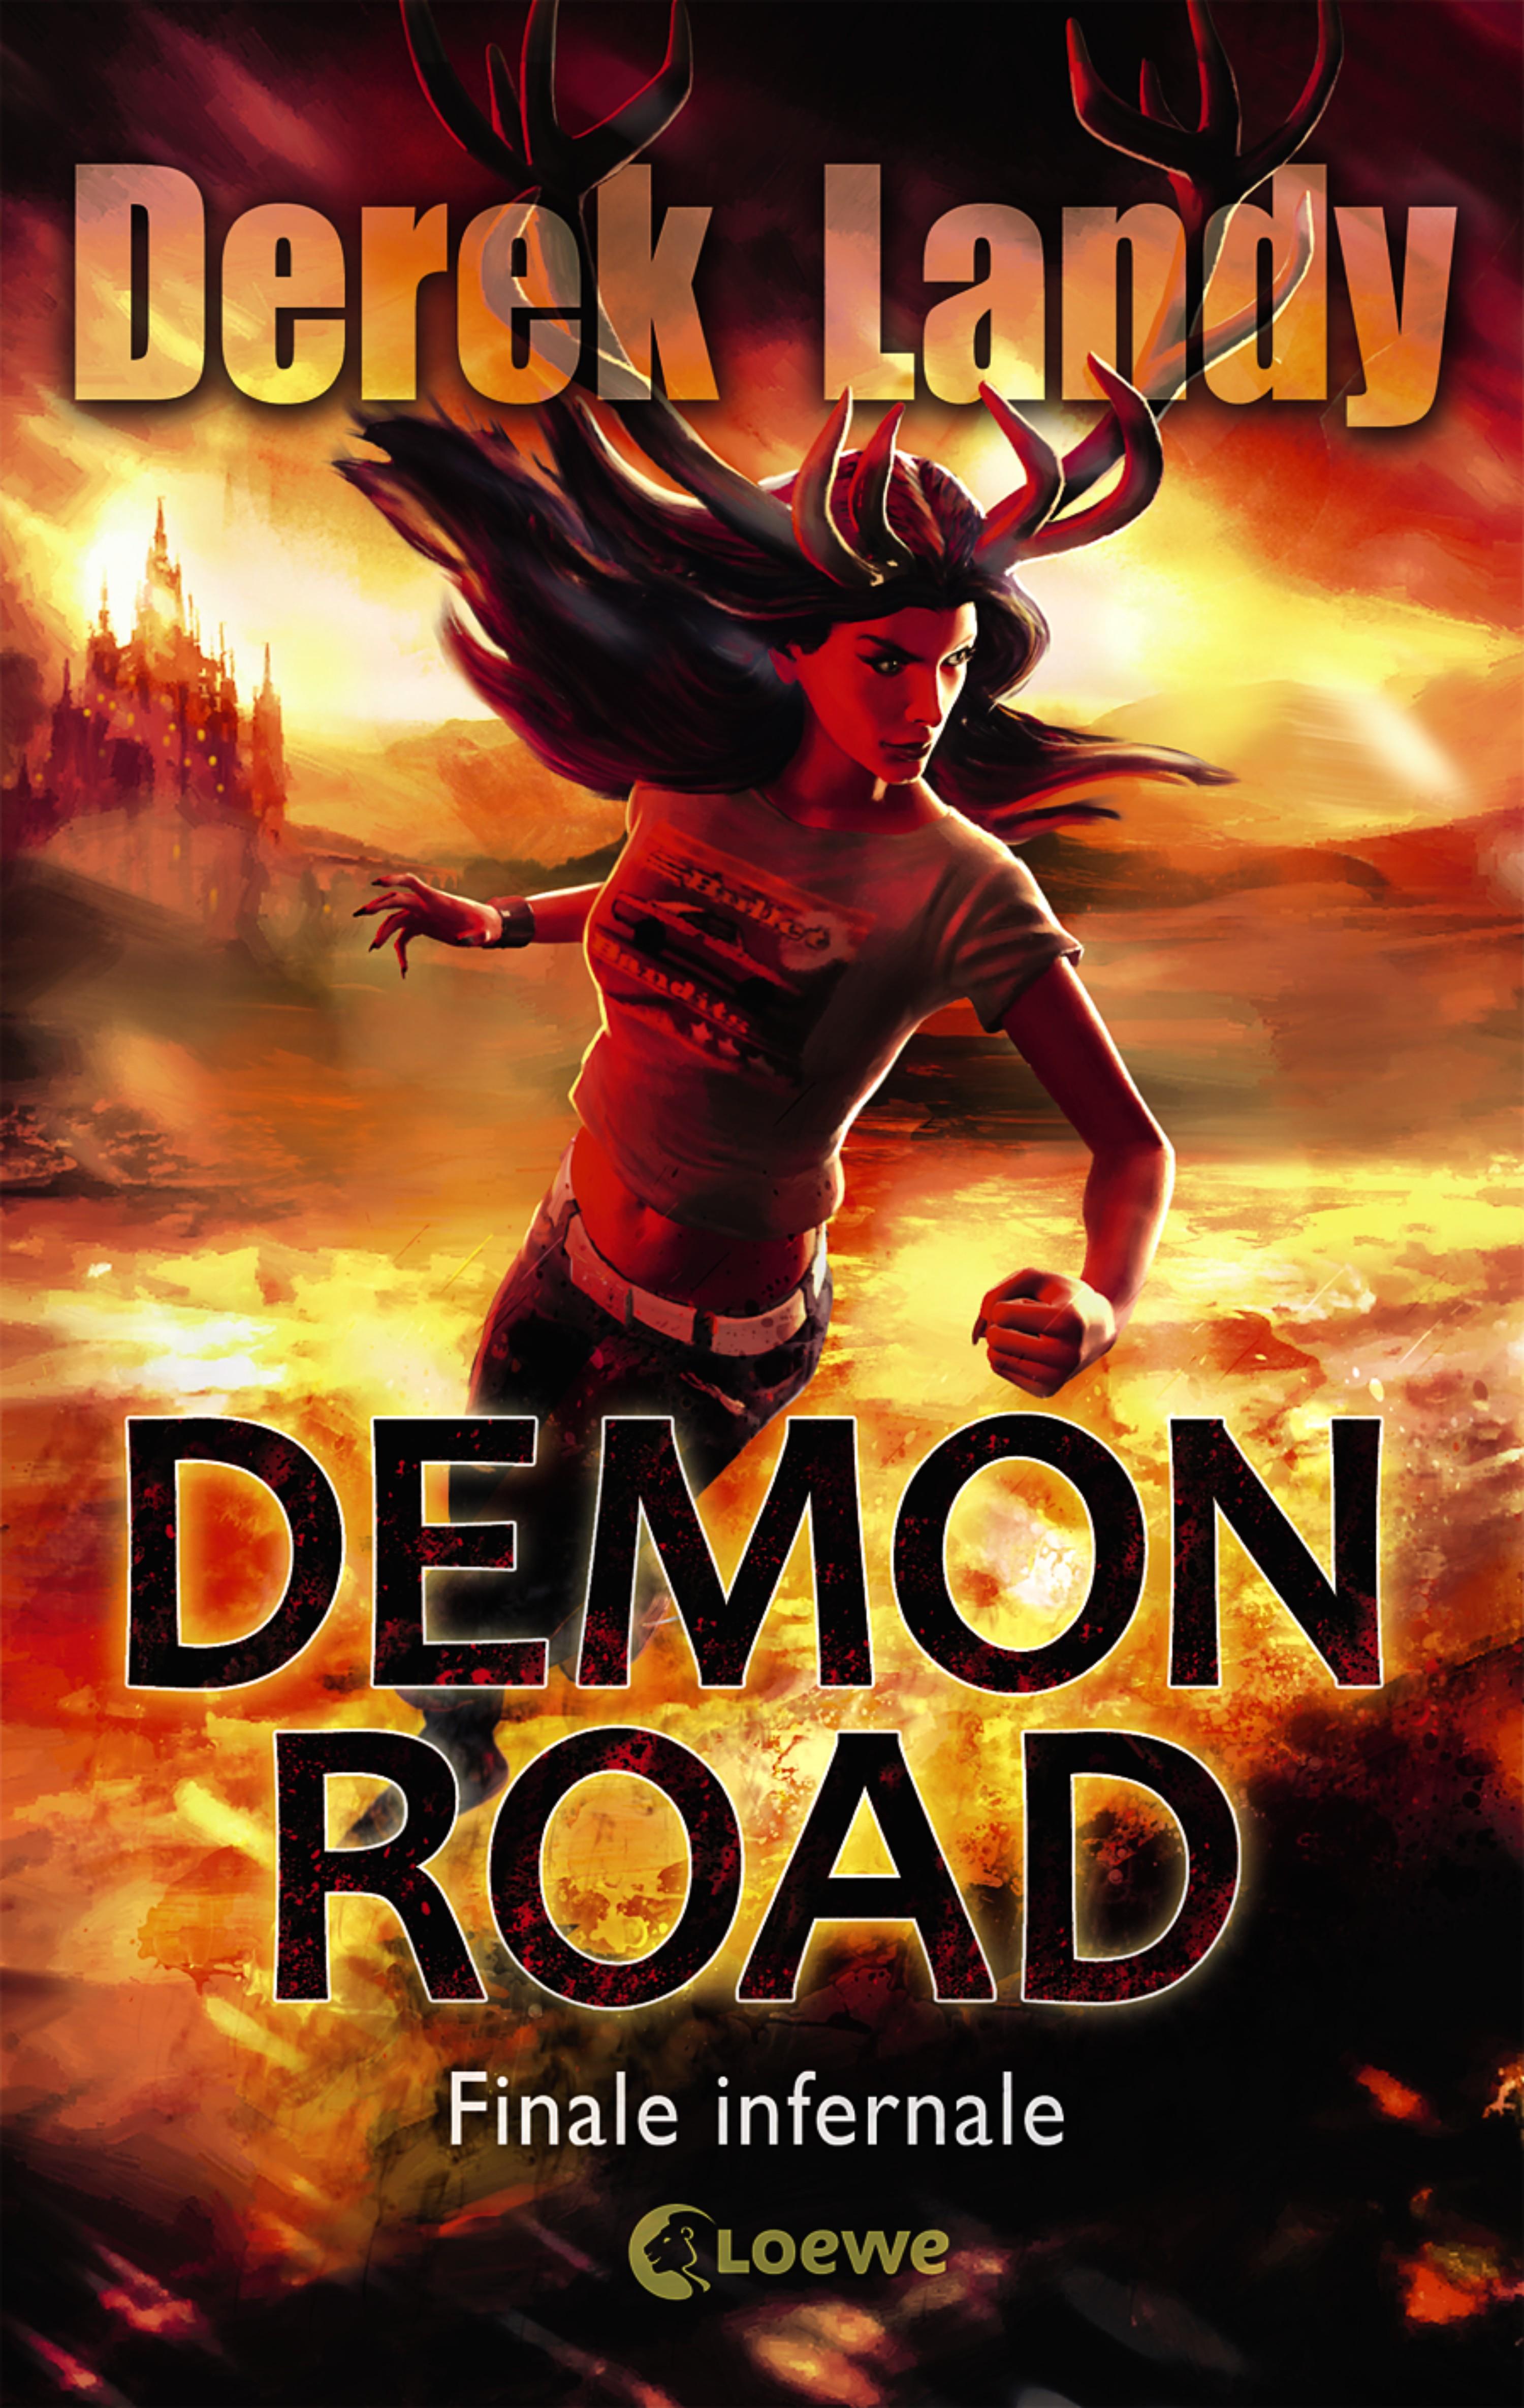 цена на Derek Landy Demon Road 3 - Finale infernale